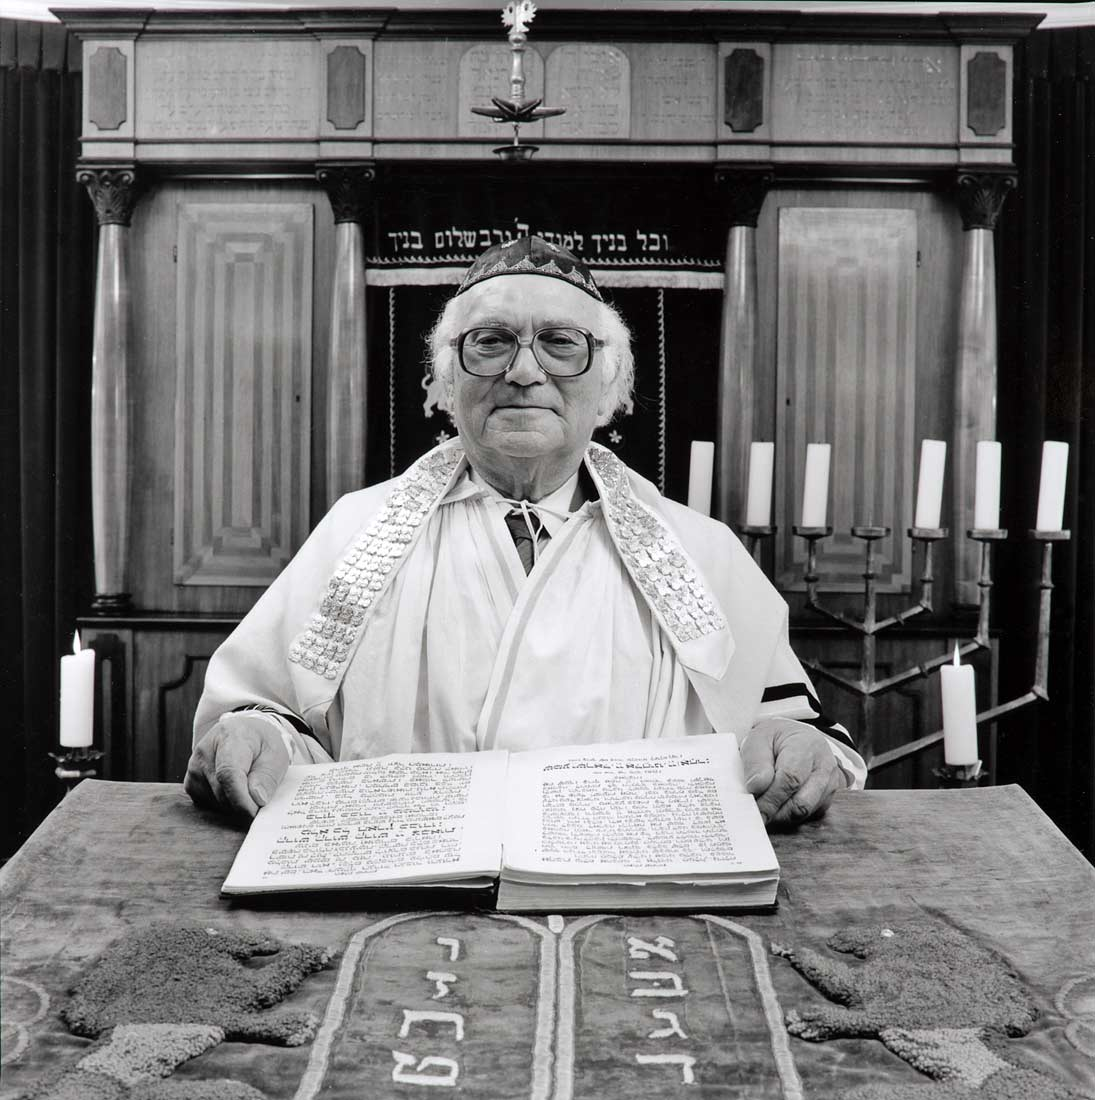 Ehrenamtlicher Vorbeter 'Chasan' der jüdischen Gemeinde - Regensburg 1990